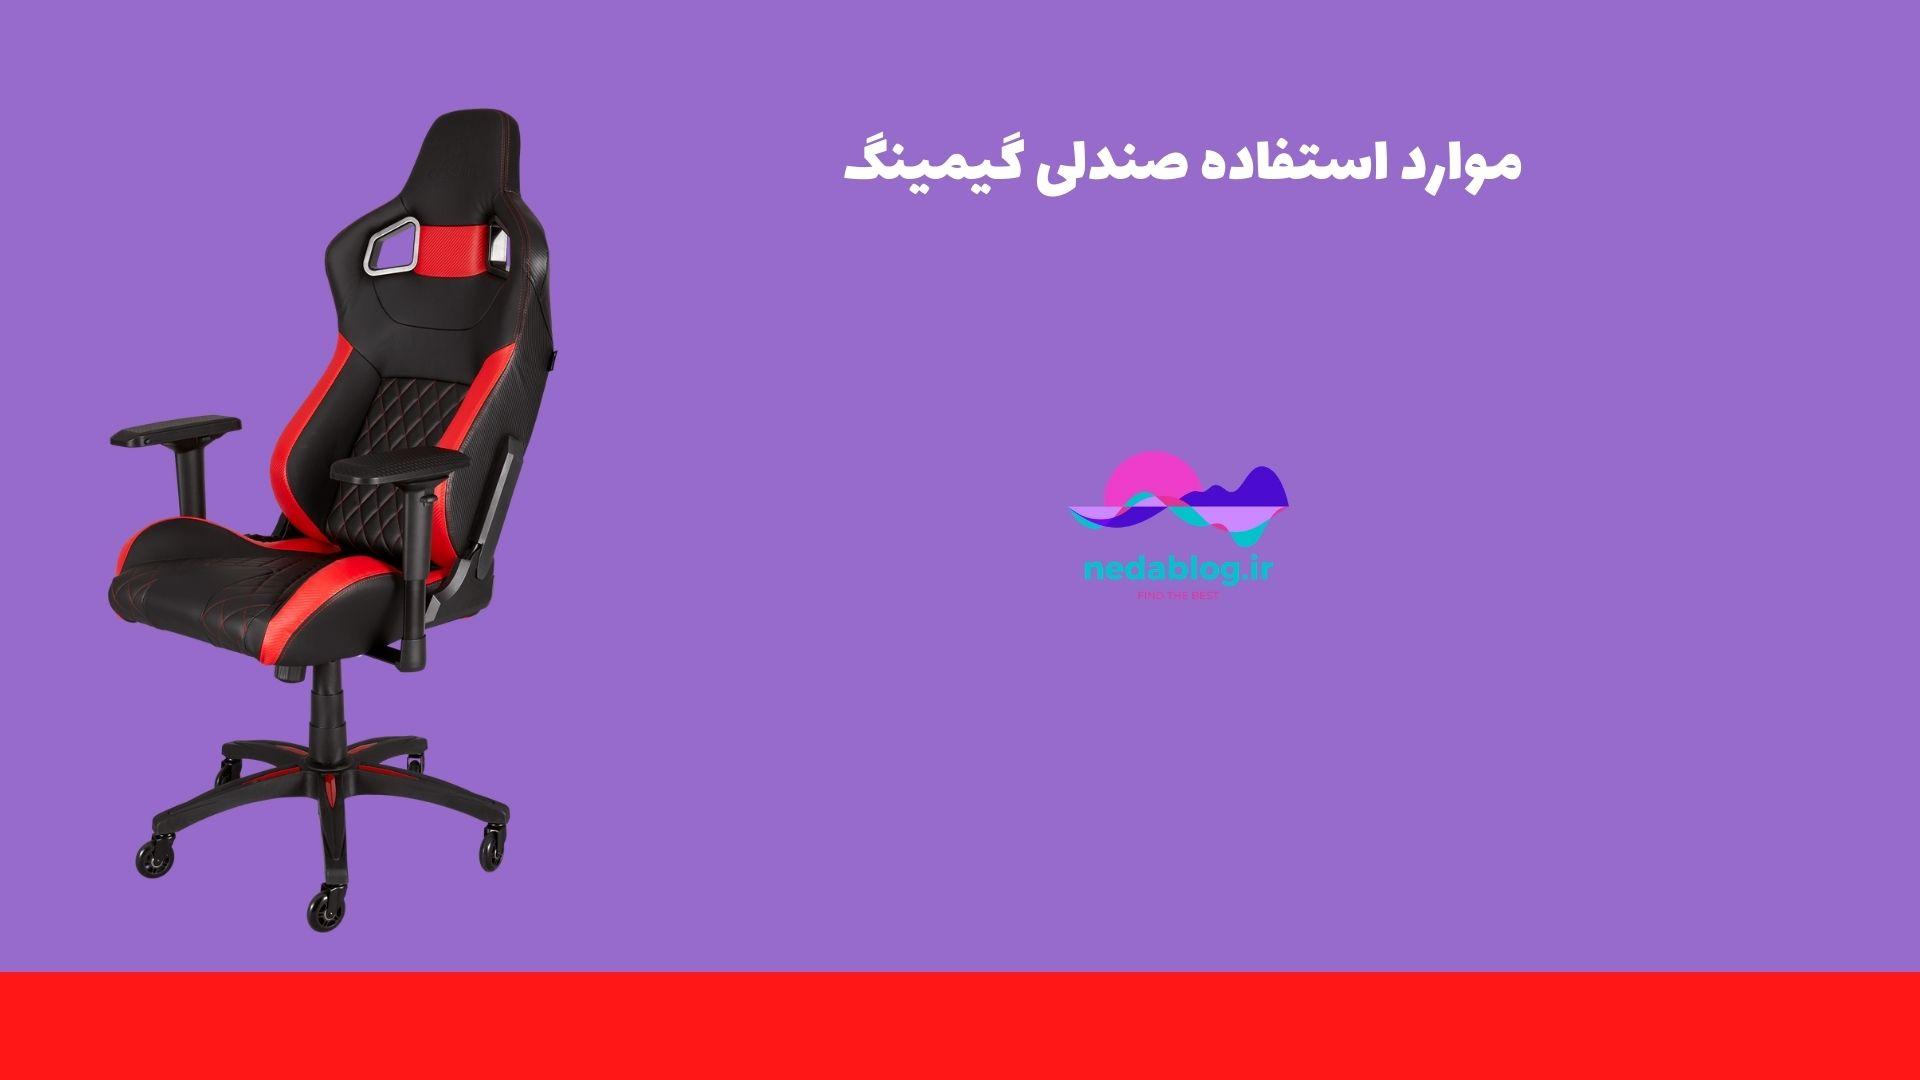 موارد استفاده صندلی گیمینگ